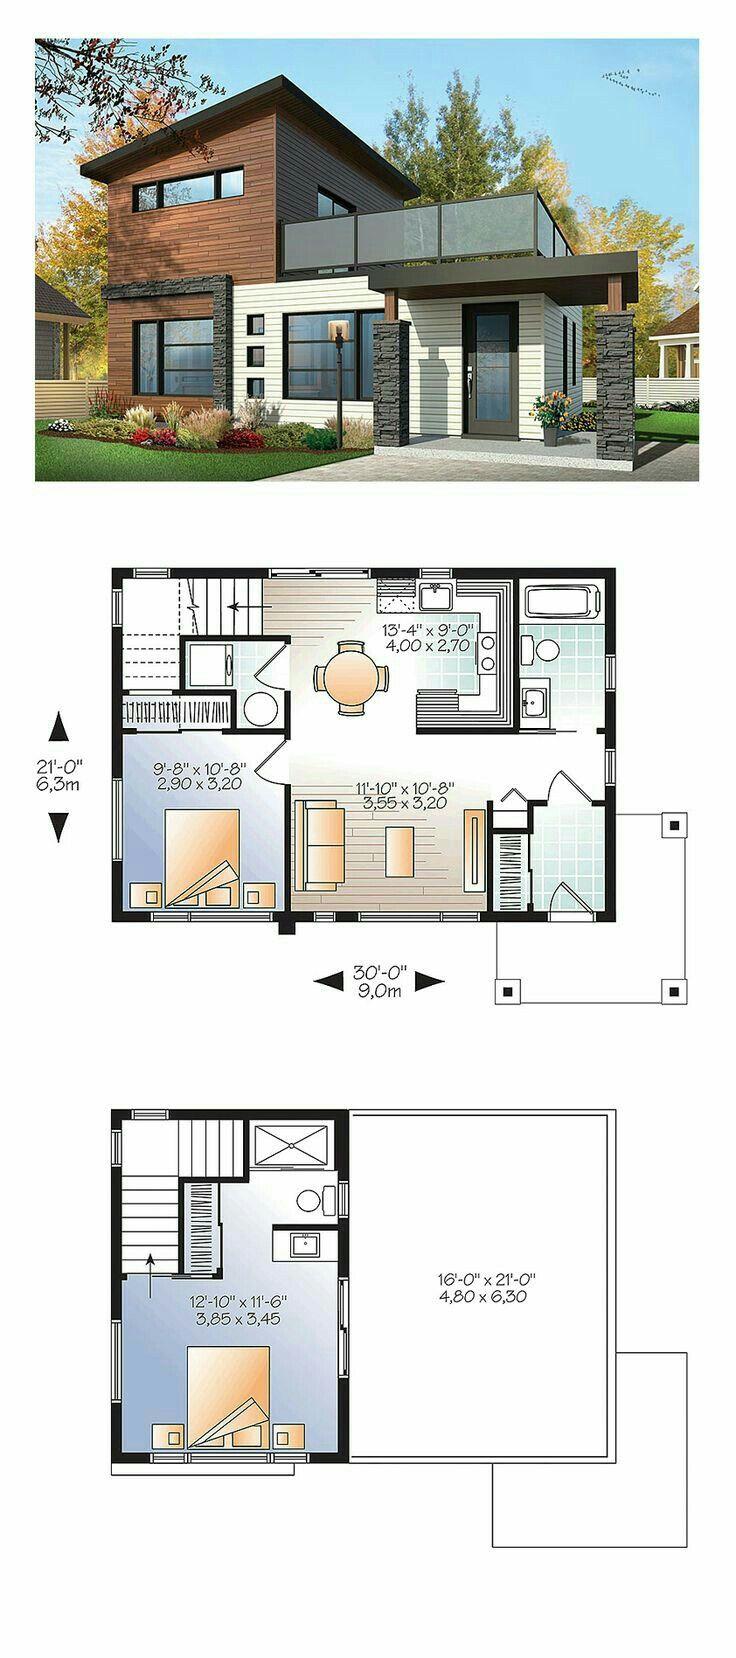 Pin Oleh Macsyver Di Plan D Architecture Denah Rumah Rumah Indah Desain Rumah